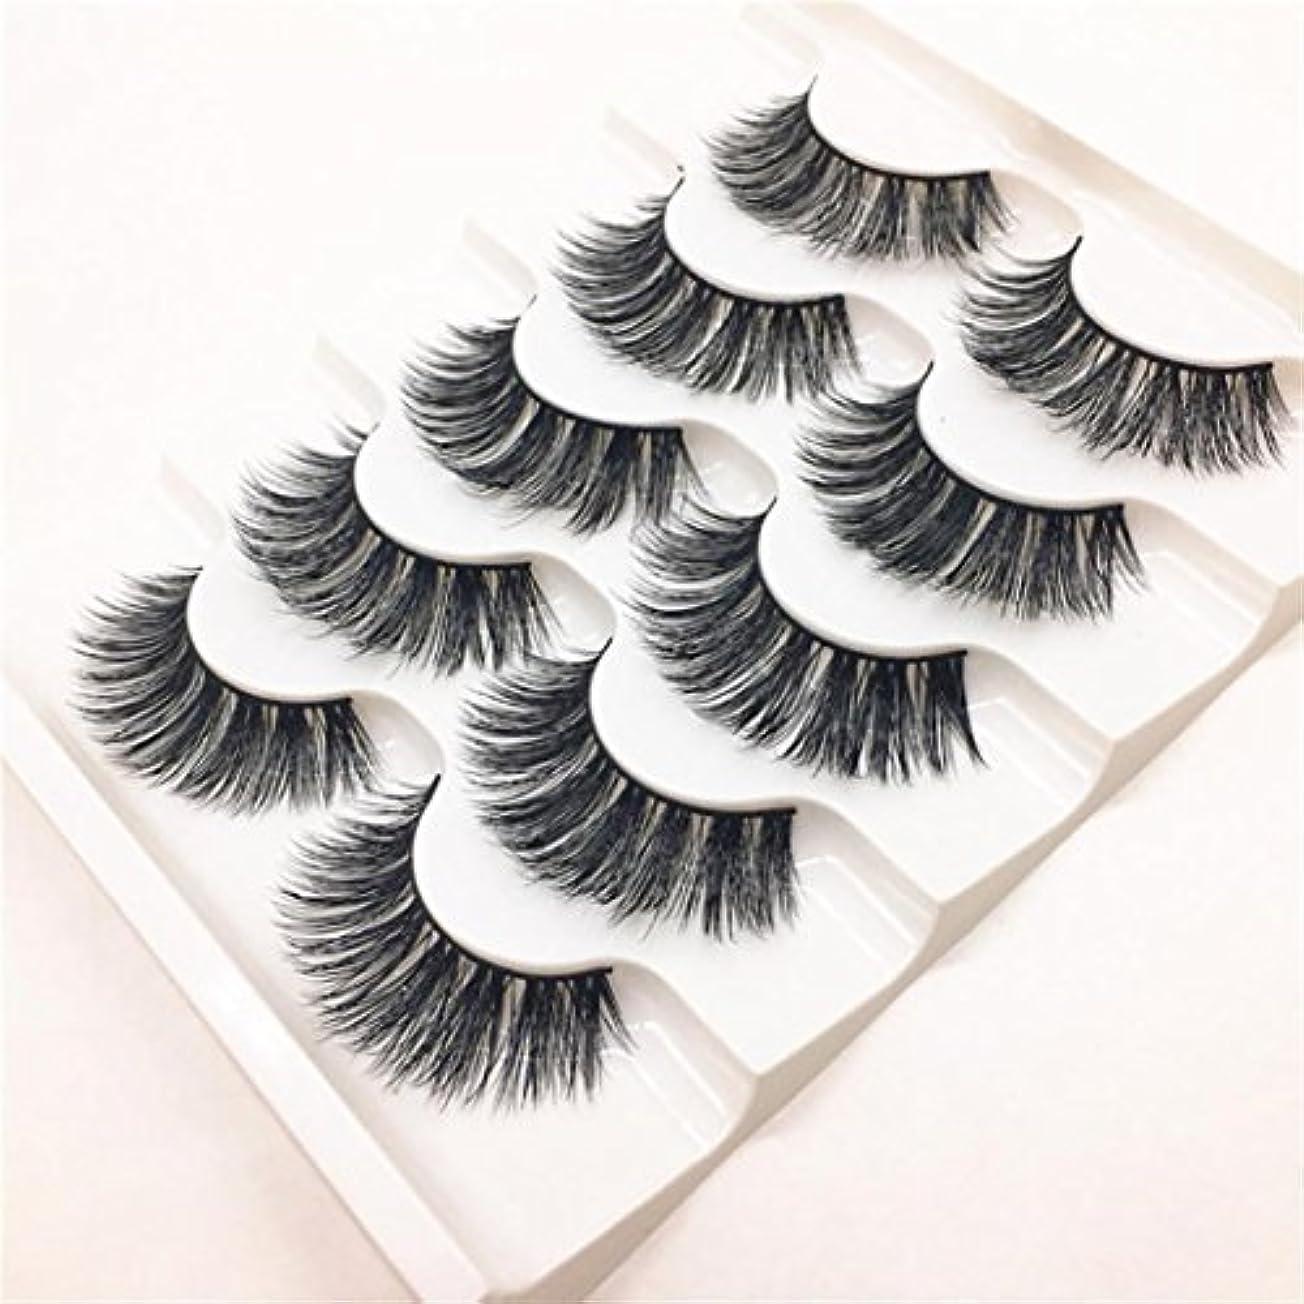 ティーム洗剤強度Feteso 5ペア つけまつげ 上まつげ Eyelashes アイラッシュ ビューティー まつげエクステ レディース 化粧ツール アイメイクアップ 人気 ナチュラル 飾り 柔らかい 装着簡単 綺麗 濃密 再利用可能